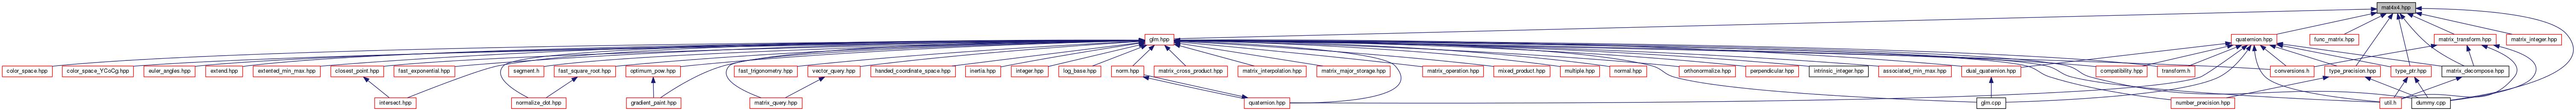 rtabmap: mat4x4 hpp File Reference